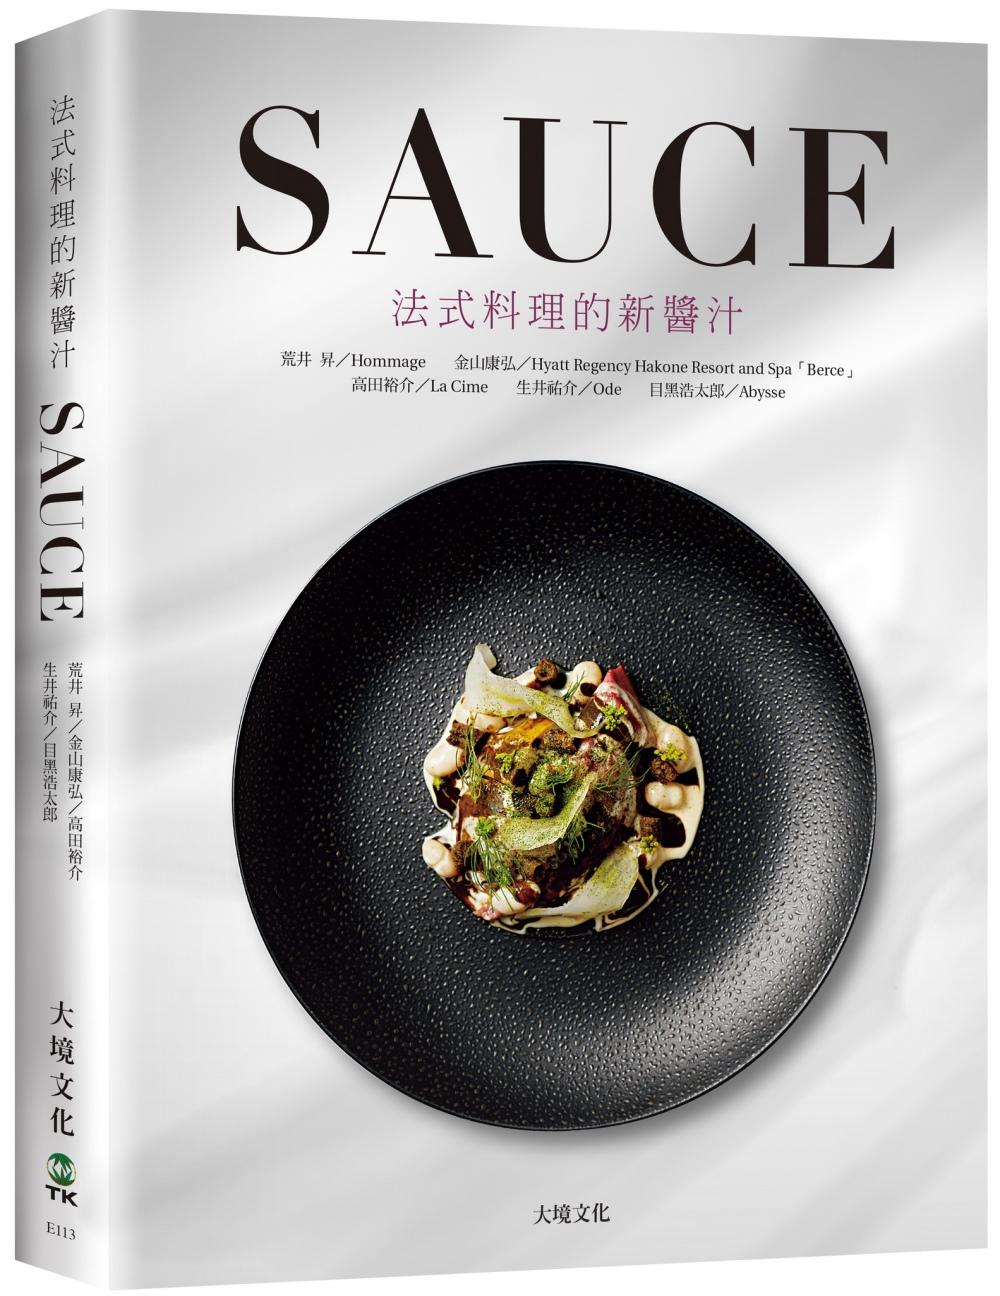 SAUCE法式料理的新醬汁:一窺米其林摘星餐廳新概念醬汁,日本當代 新銳主廚聯手,傳授製作、應用與變化,加附料理搭配與基礎高湯配方